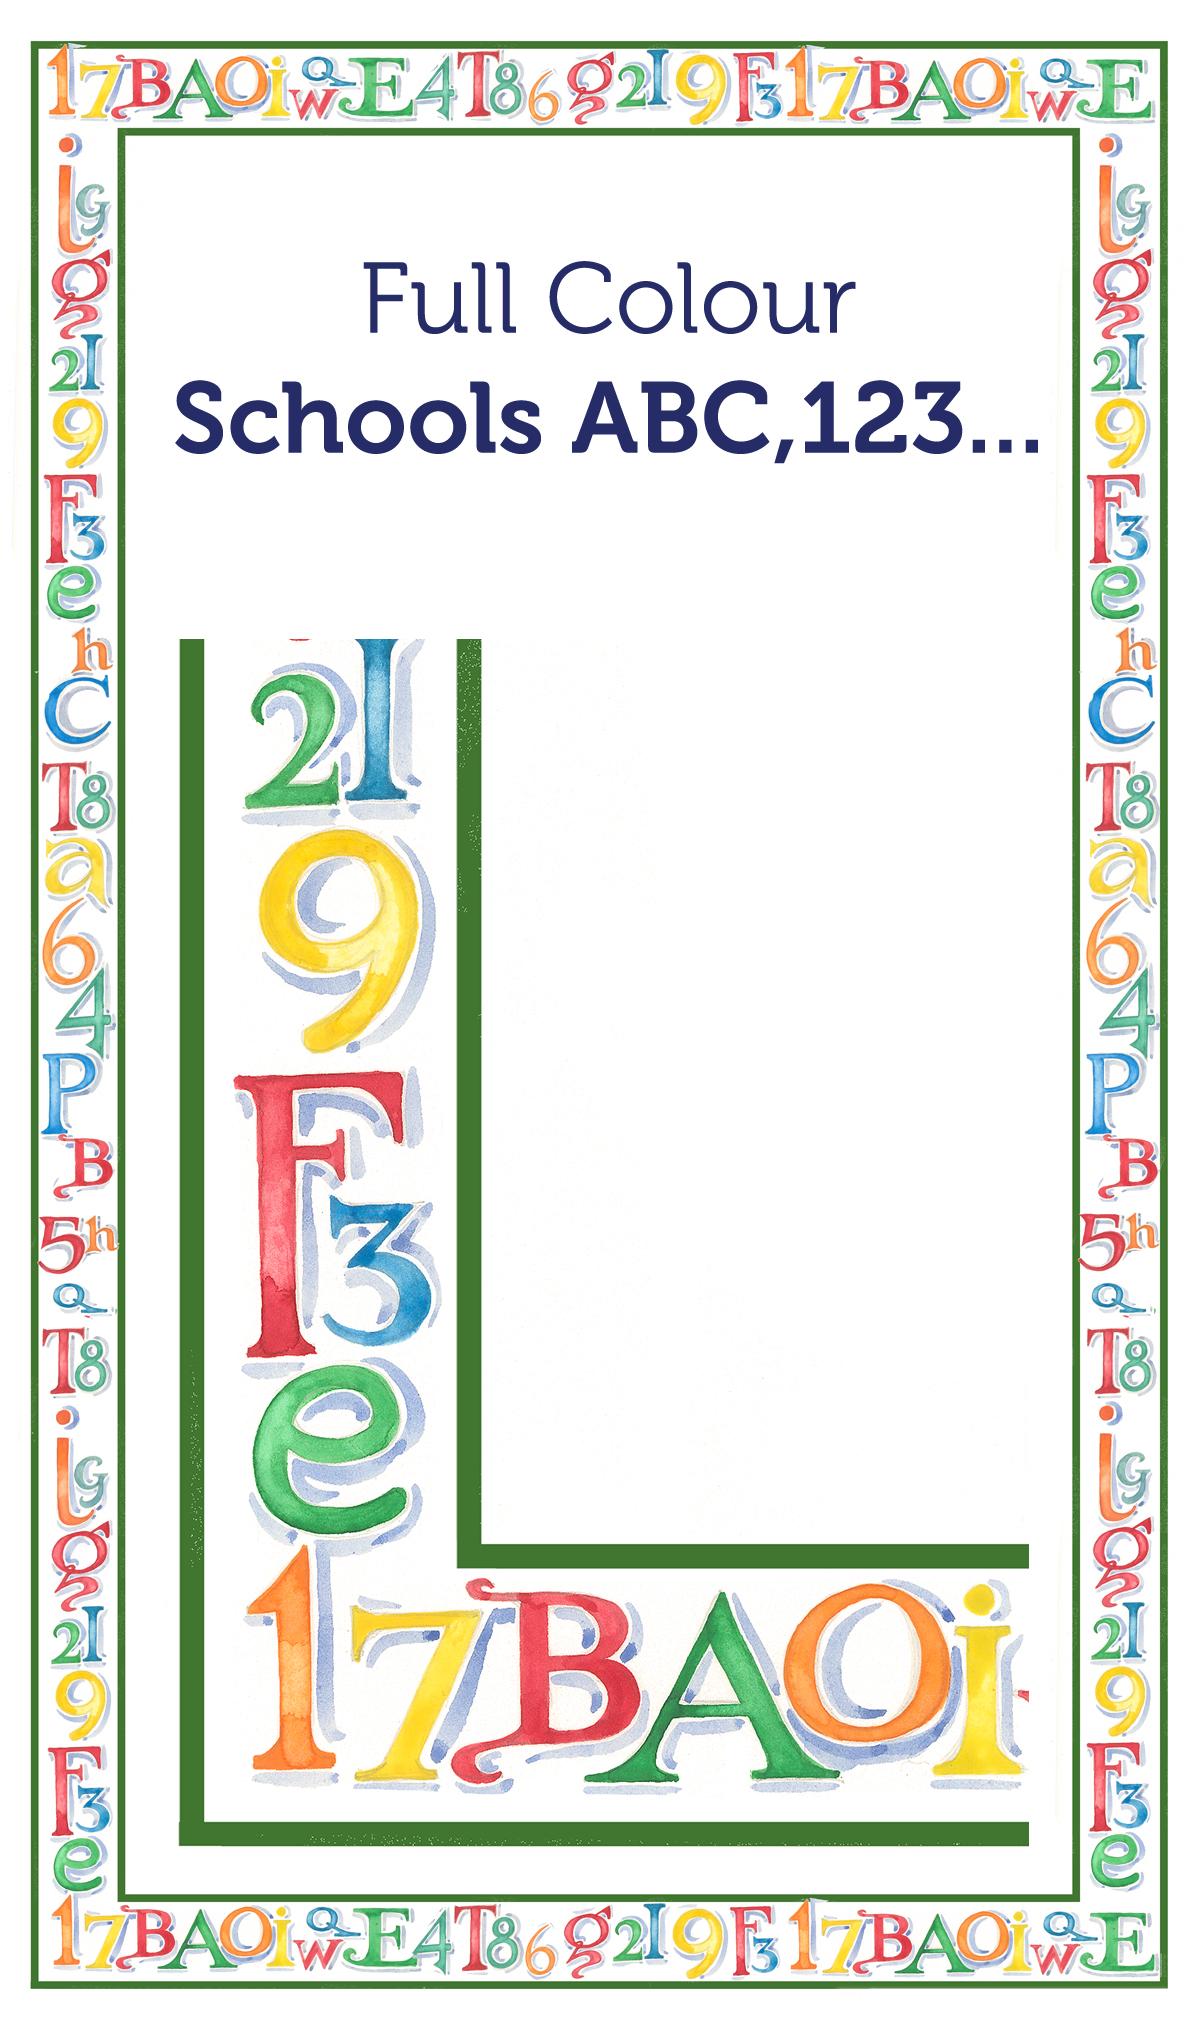 20_Schools_ABC_123